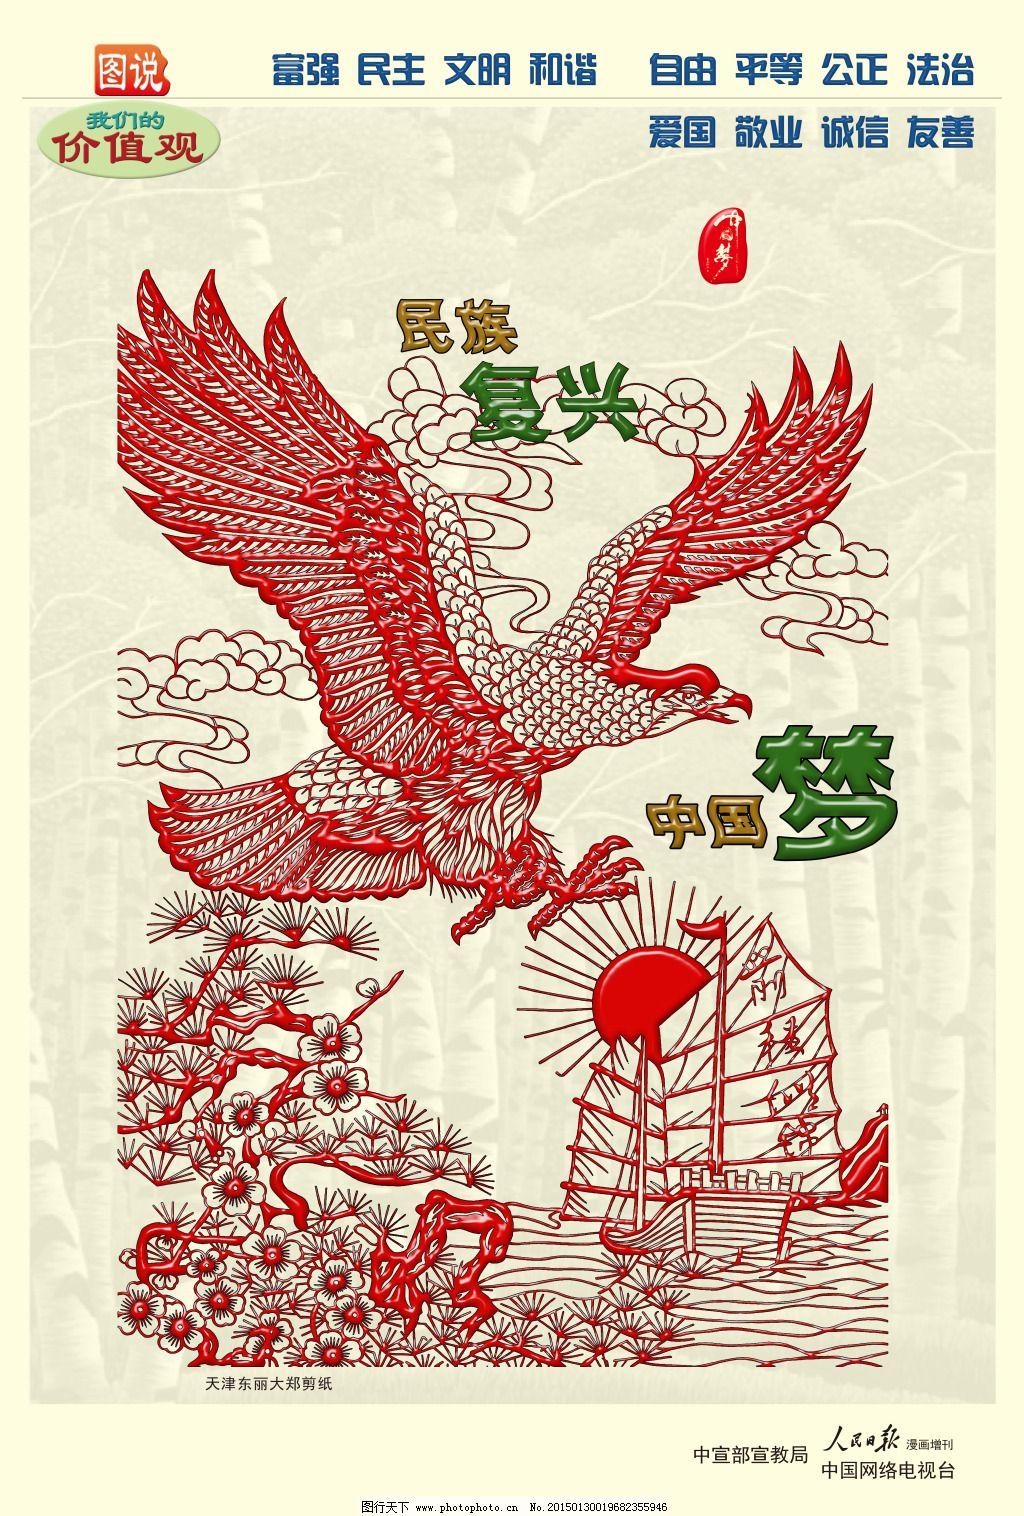 民族复兴中国梦公益广告_传统艺术_文化艺术_图行天下